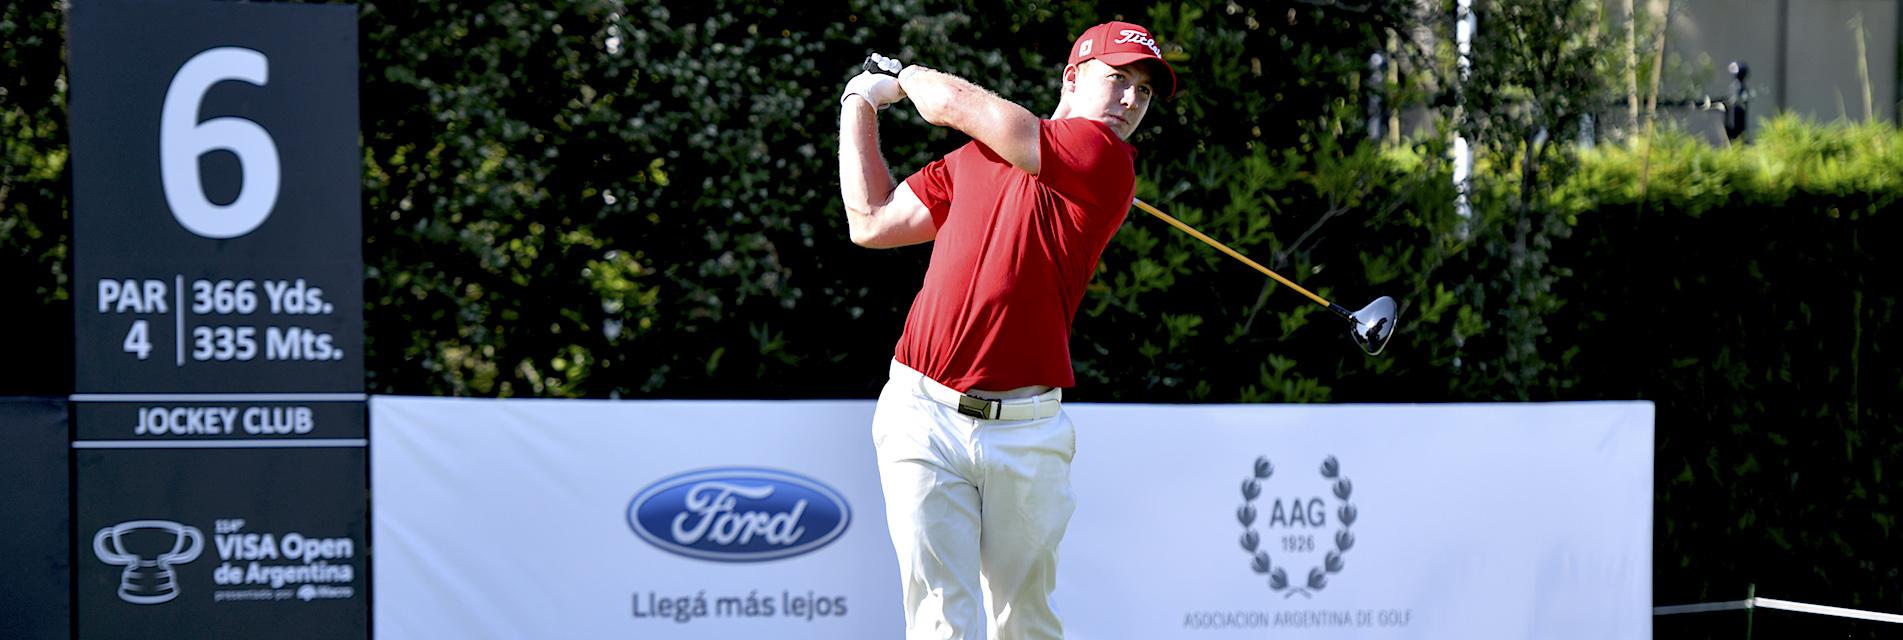 Victor Lange. (Photo by Enrique Berardi/PGA TOUR)